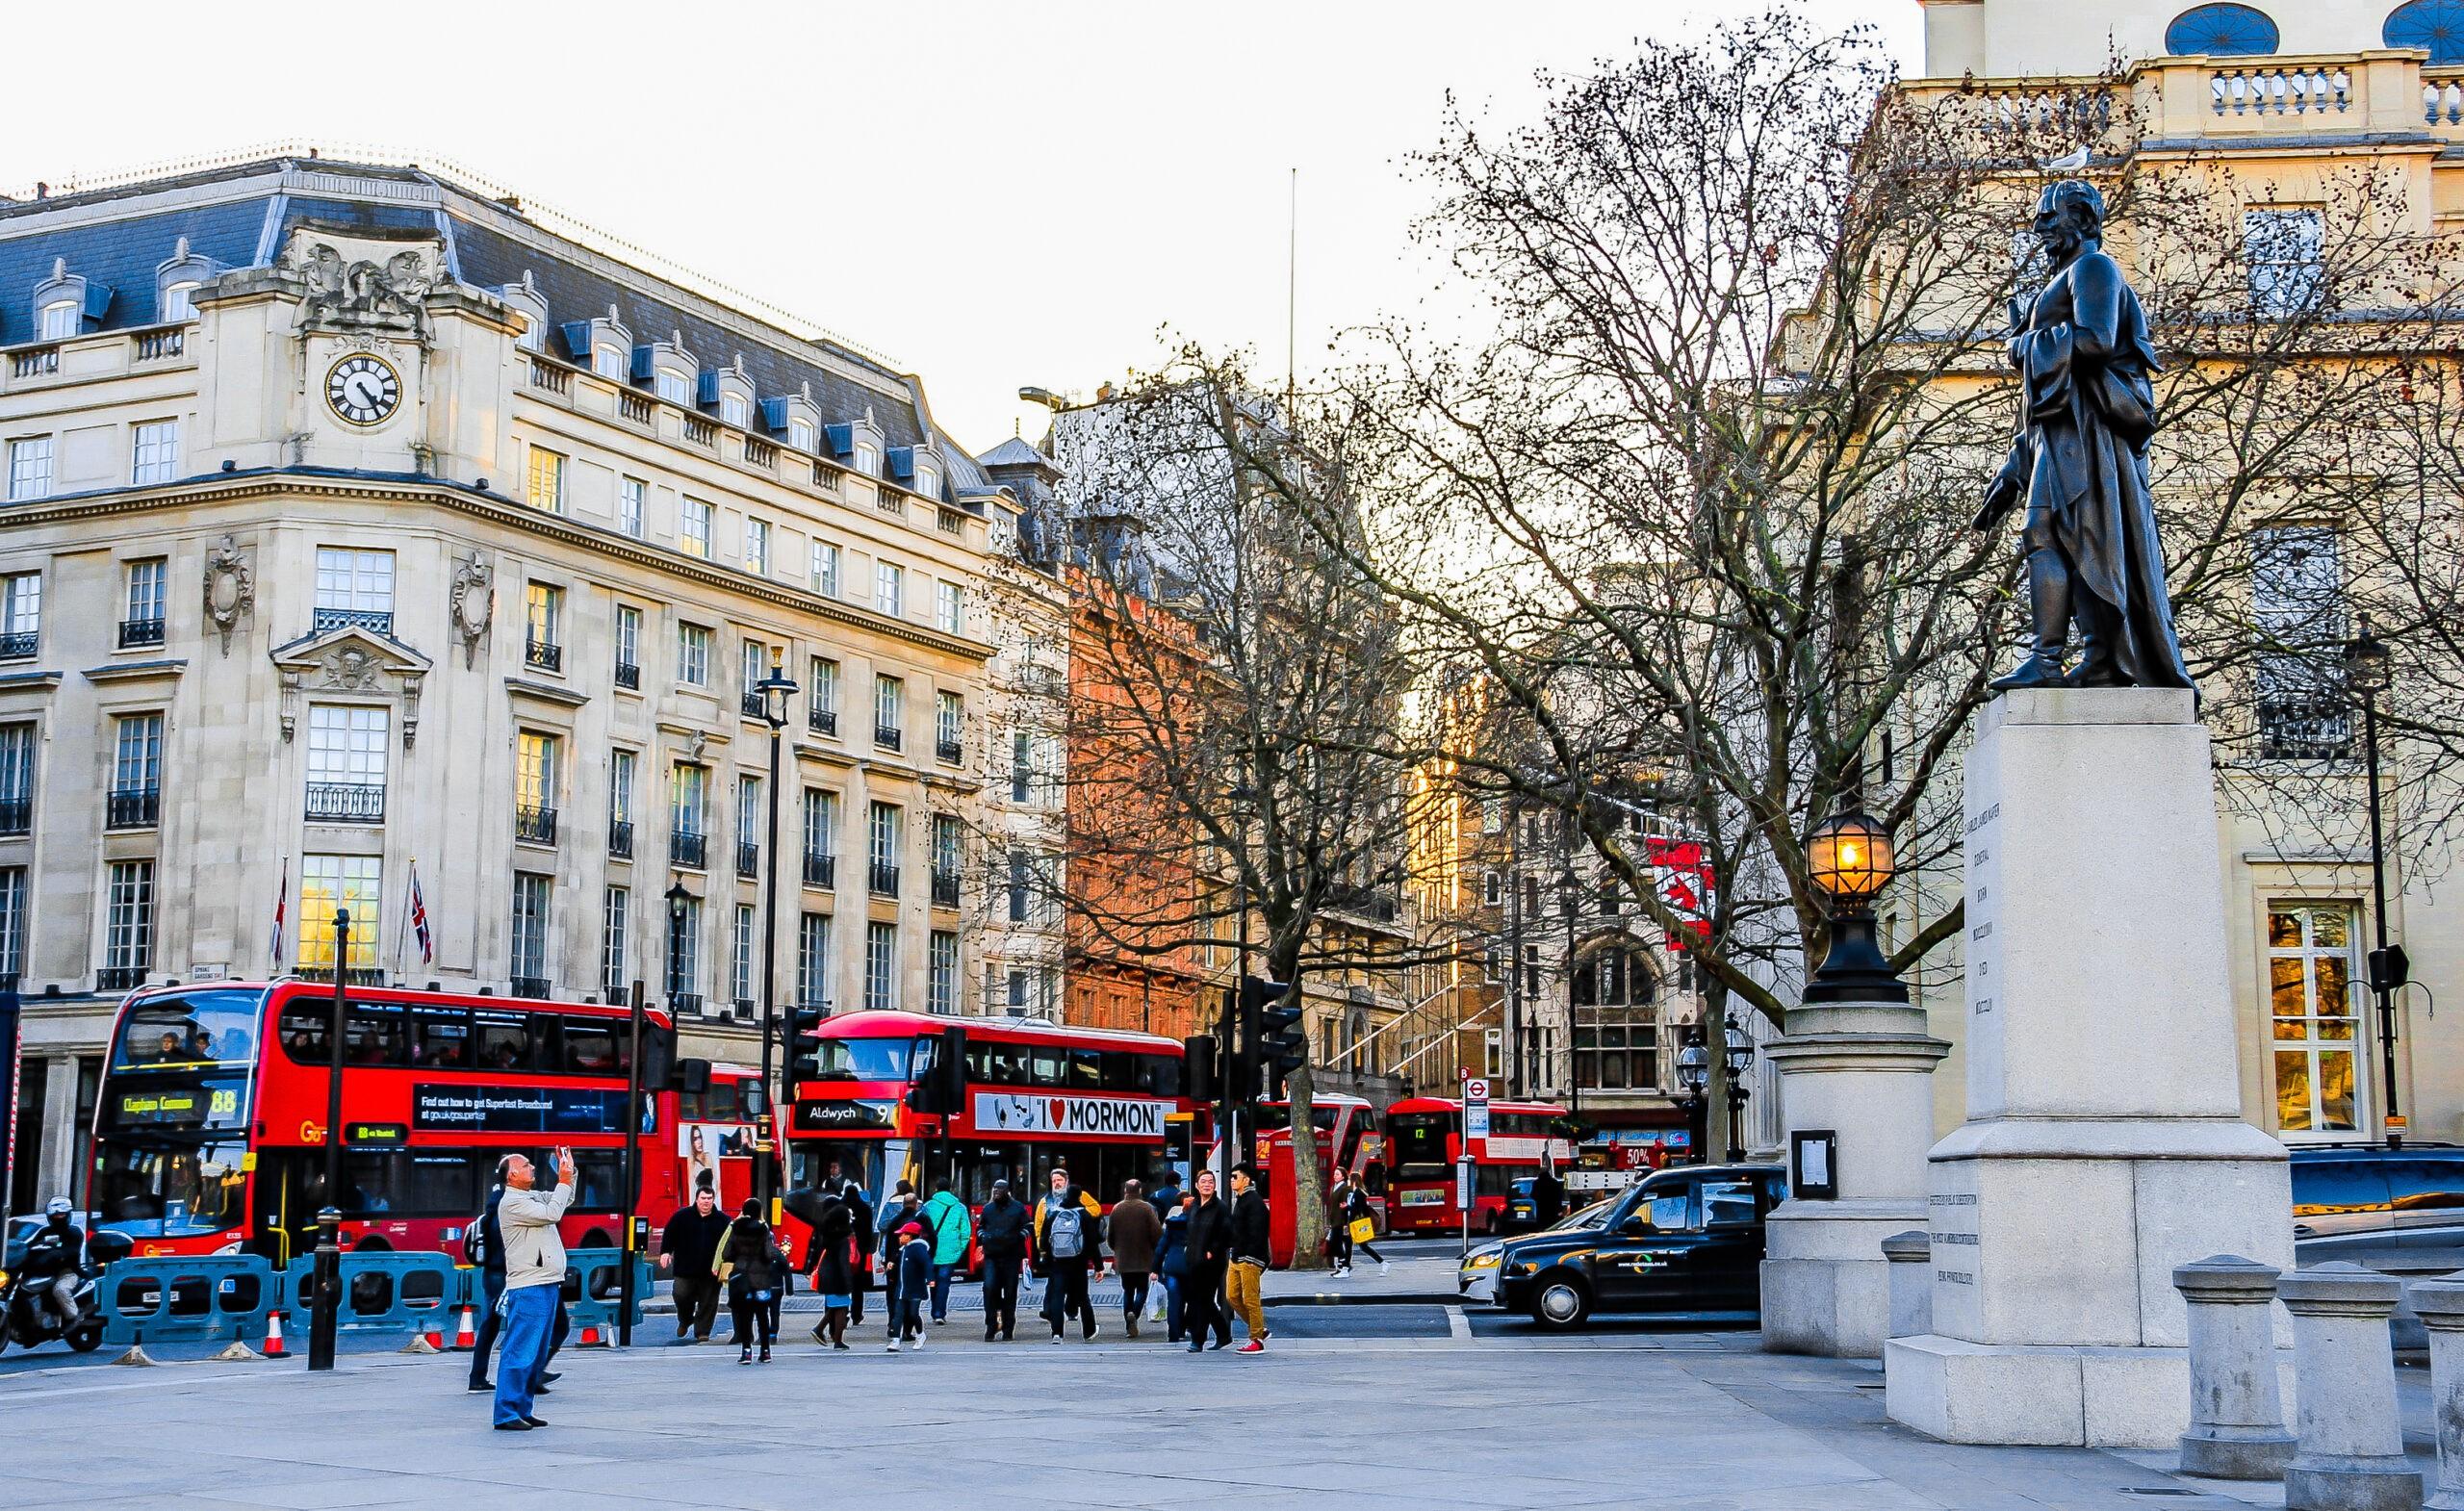 Το άγαλμα του Τζορτζ Ουάσινγκτον στην πλατεία Τραφάλγκαρ, Λονδίνο